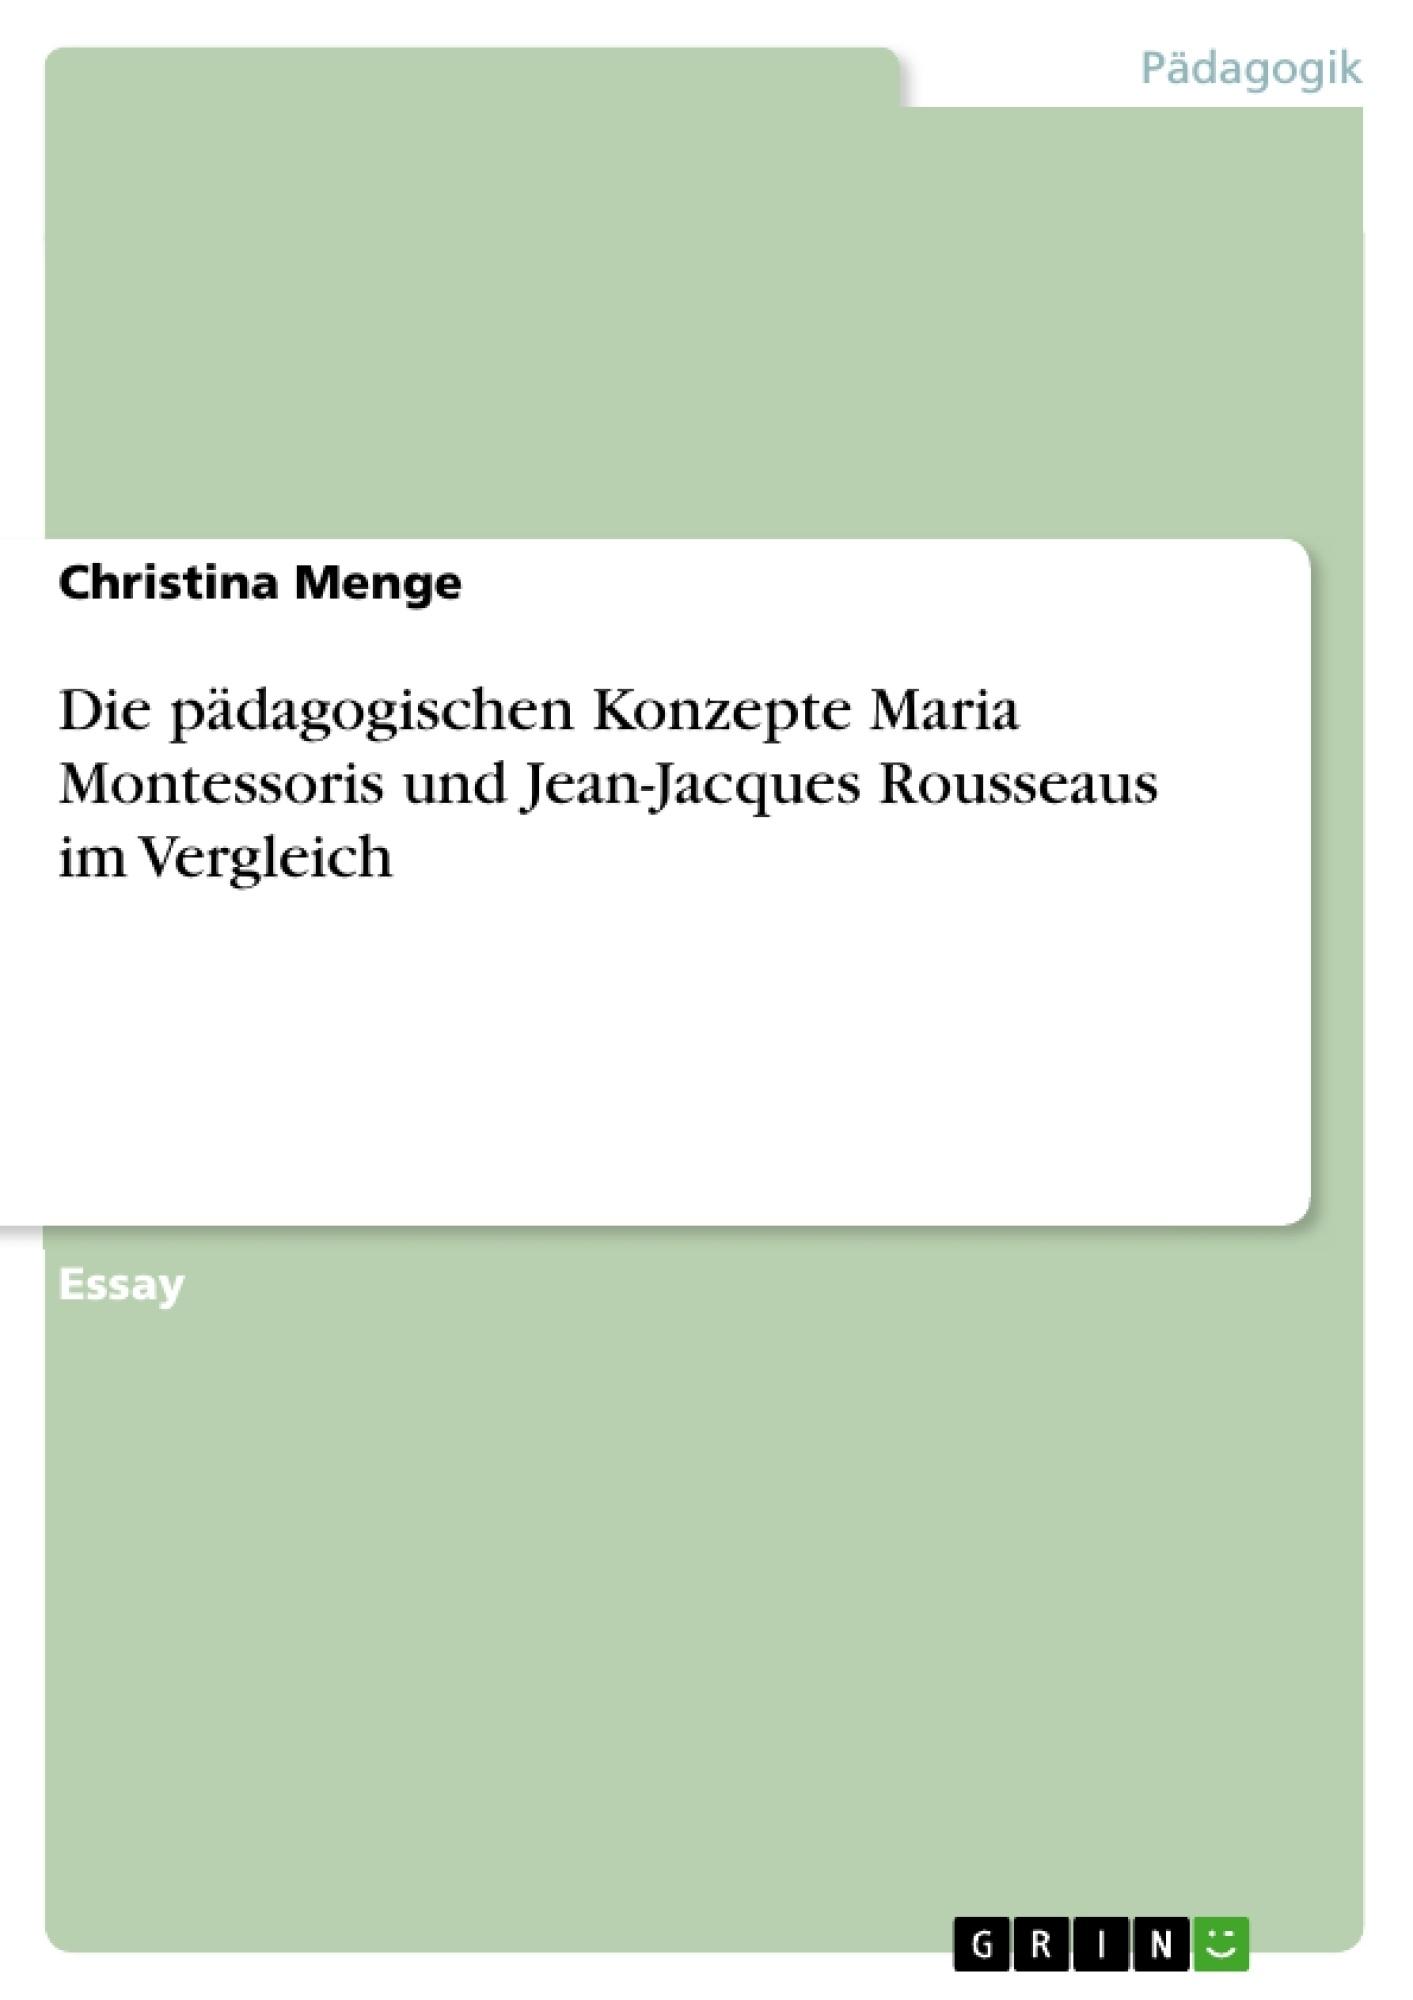 Titel: Die pädagogischen Konzepte Maria Montessoris und Jean-Jacques Rousseaus im Vergleich